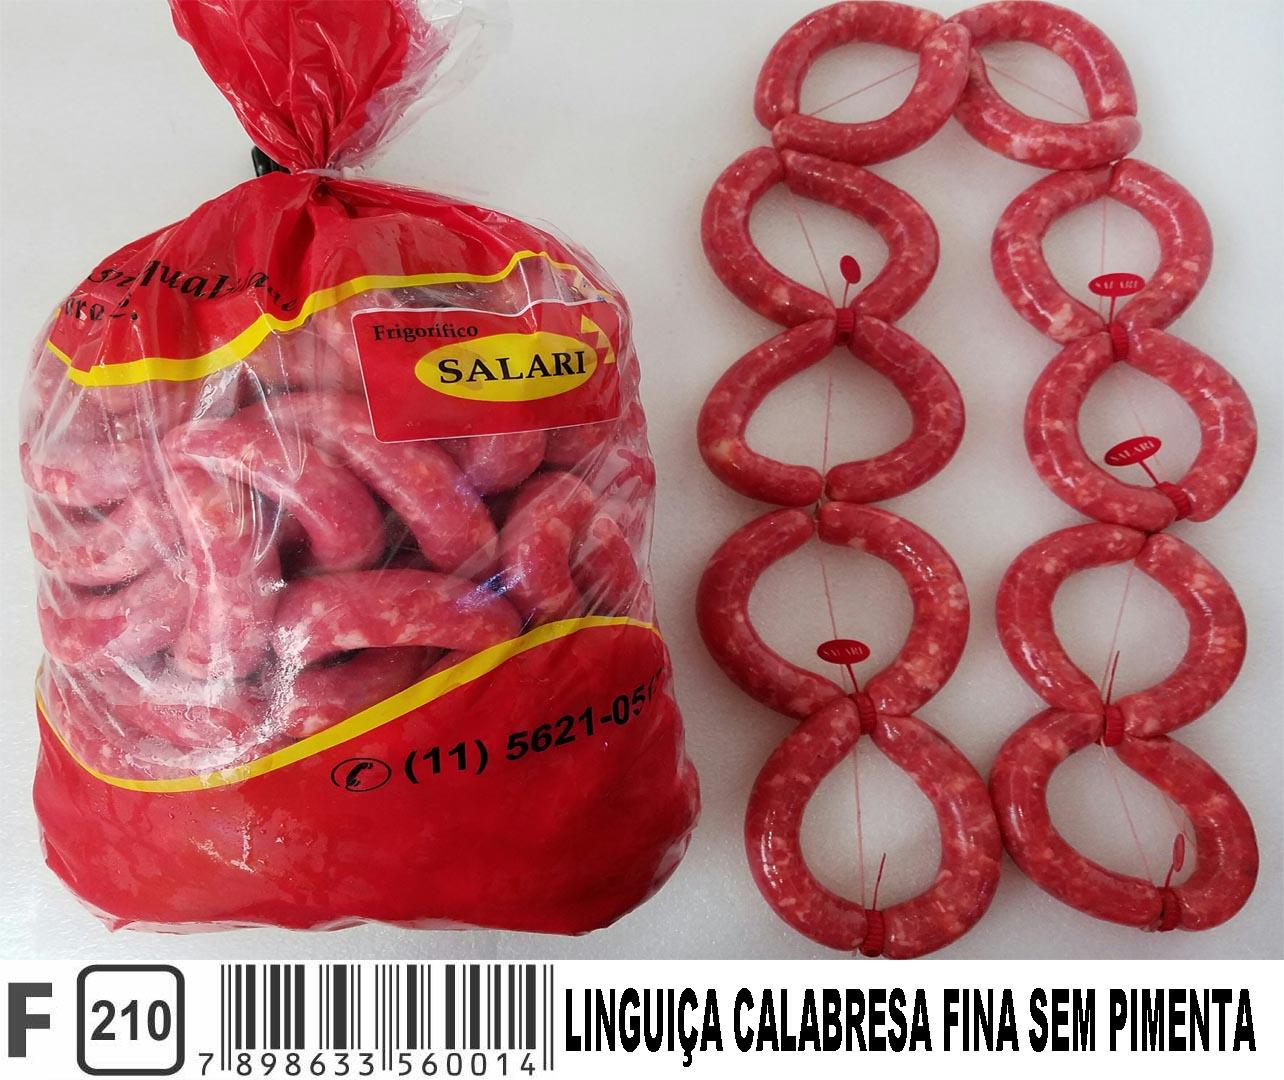 7898633560014 - LINGUIÇA CALABRESA FINA SEM PIMENTA